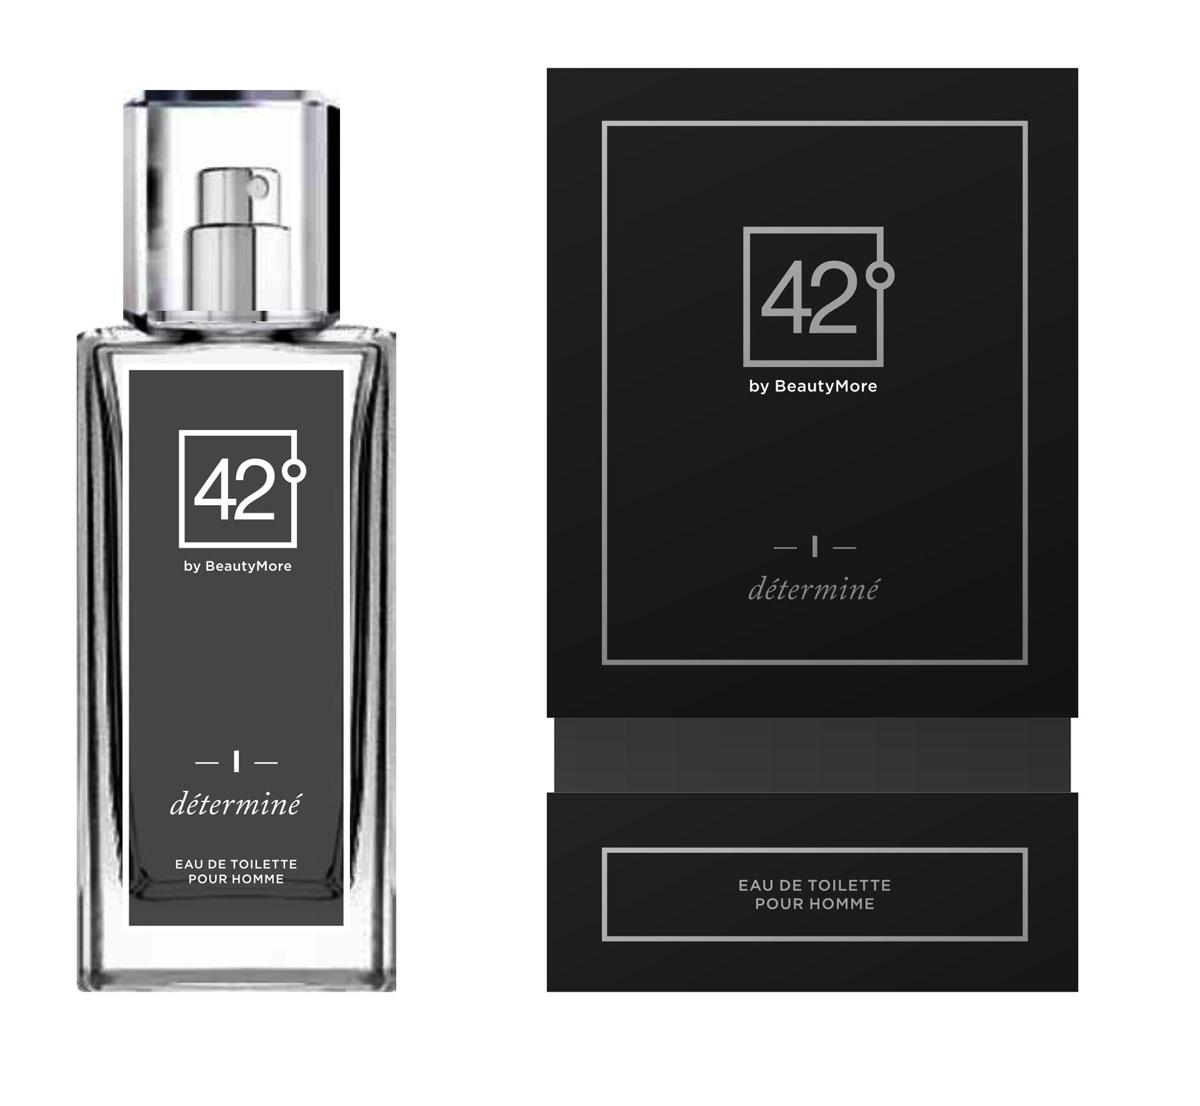 Fragrance 42 Туалетная вода для мужчин I Determine 100 мл42-96157Детермин - аромат созданный для настоящих,решительных, мужчин,уверенных в себе и смело покоряющих любые цели. Этот аромат станет завершающей ноткой в вашем неотразимом образе. Верхняя нота- Маклюраоранжевая,туя, нота сердца - аромат кедра,жасмин,сосна Лимба,базовые ноты - пачули,ветивер,мускус.